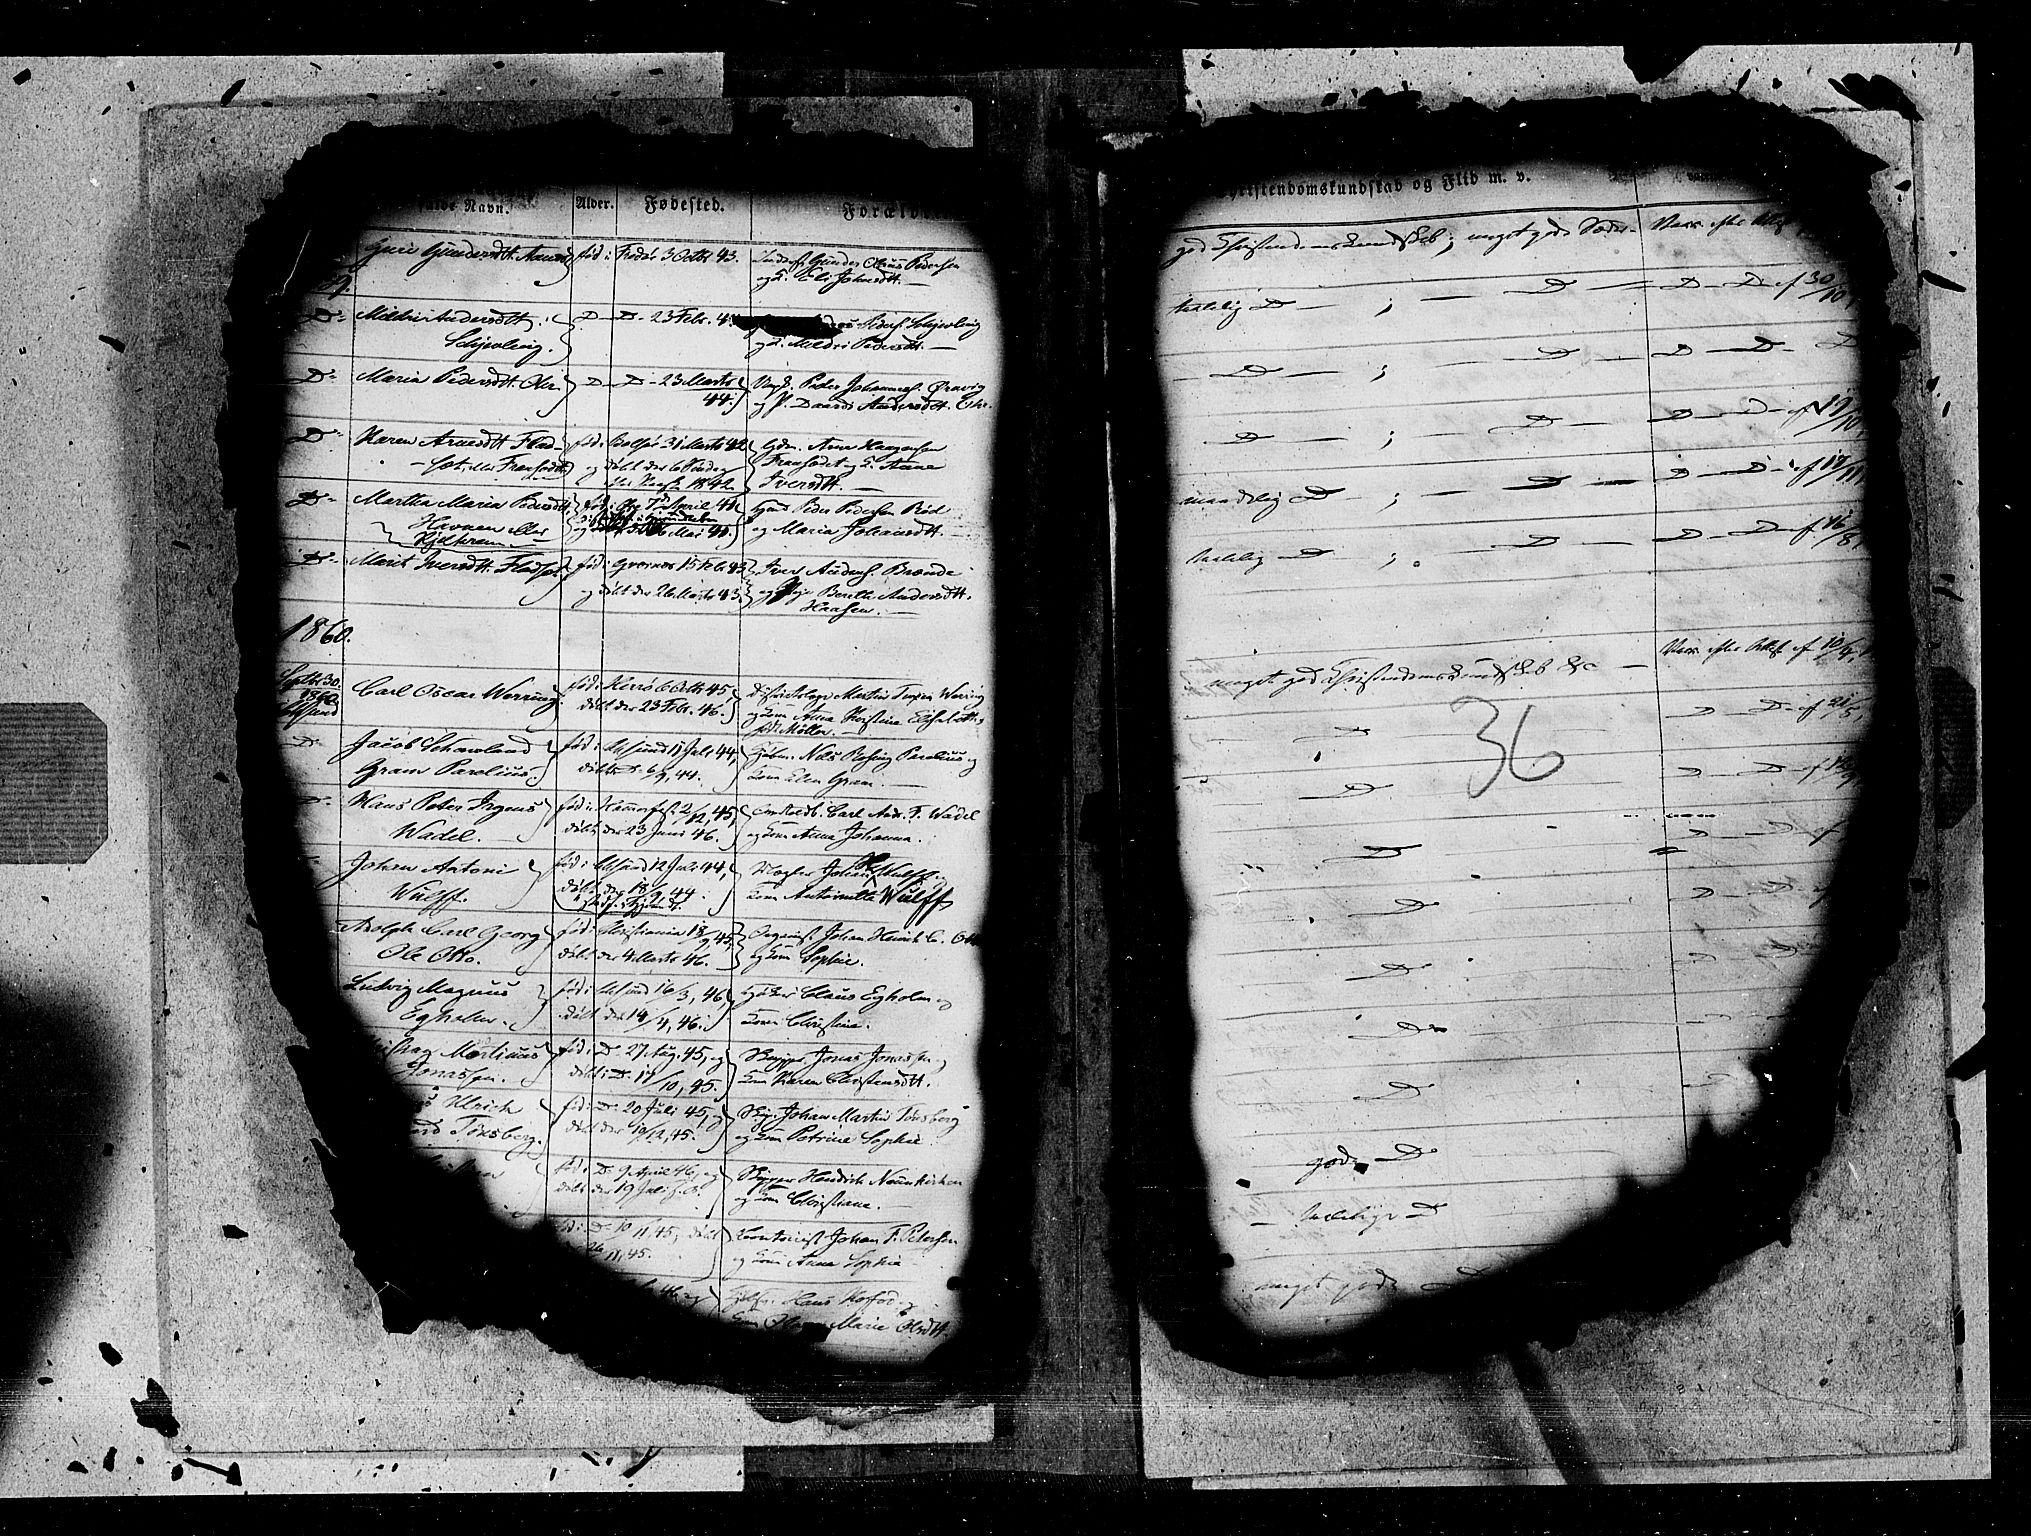 SAT, Ministerialprotokoller, klokkerbøker og fødselsregistre - Møre og Romsdal, 572/L0846: Ministerialbok nr. 572A09, 1855-1865, s. 36